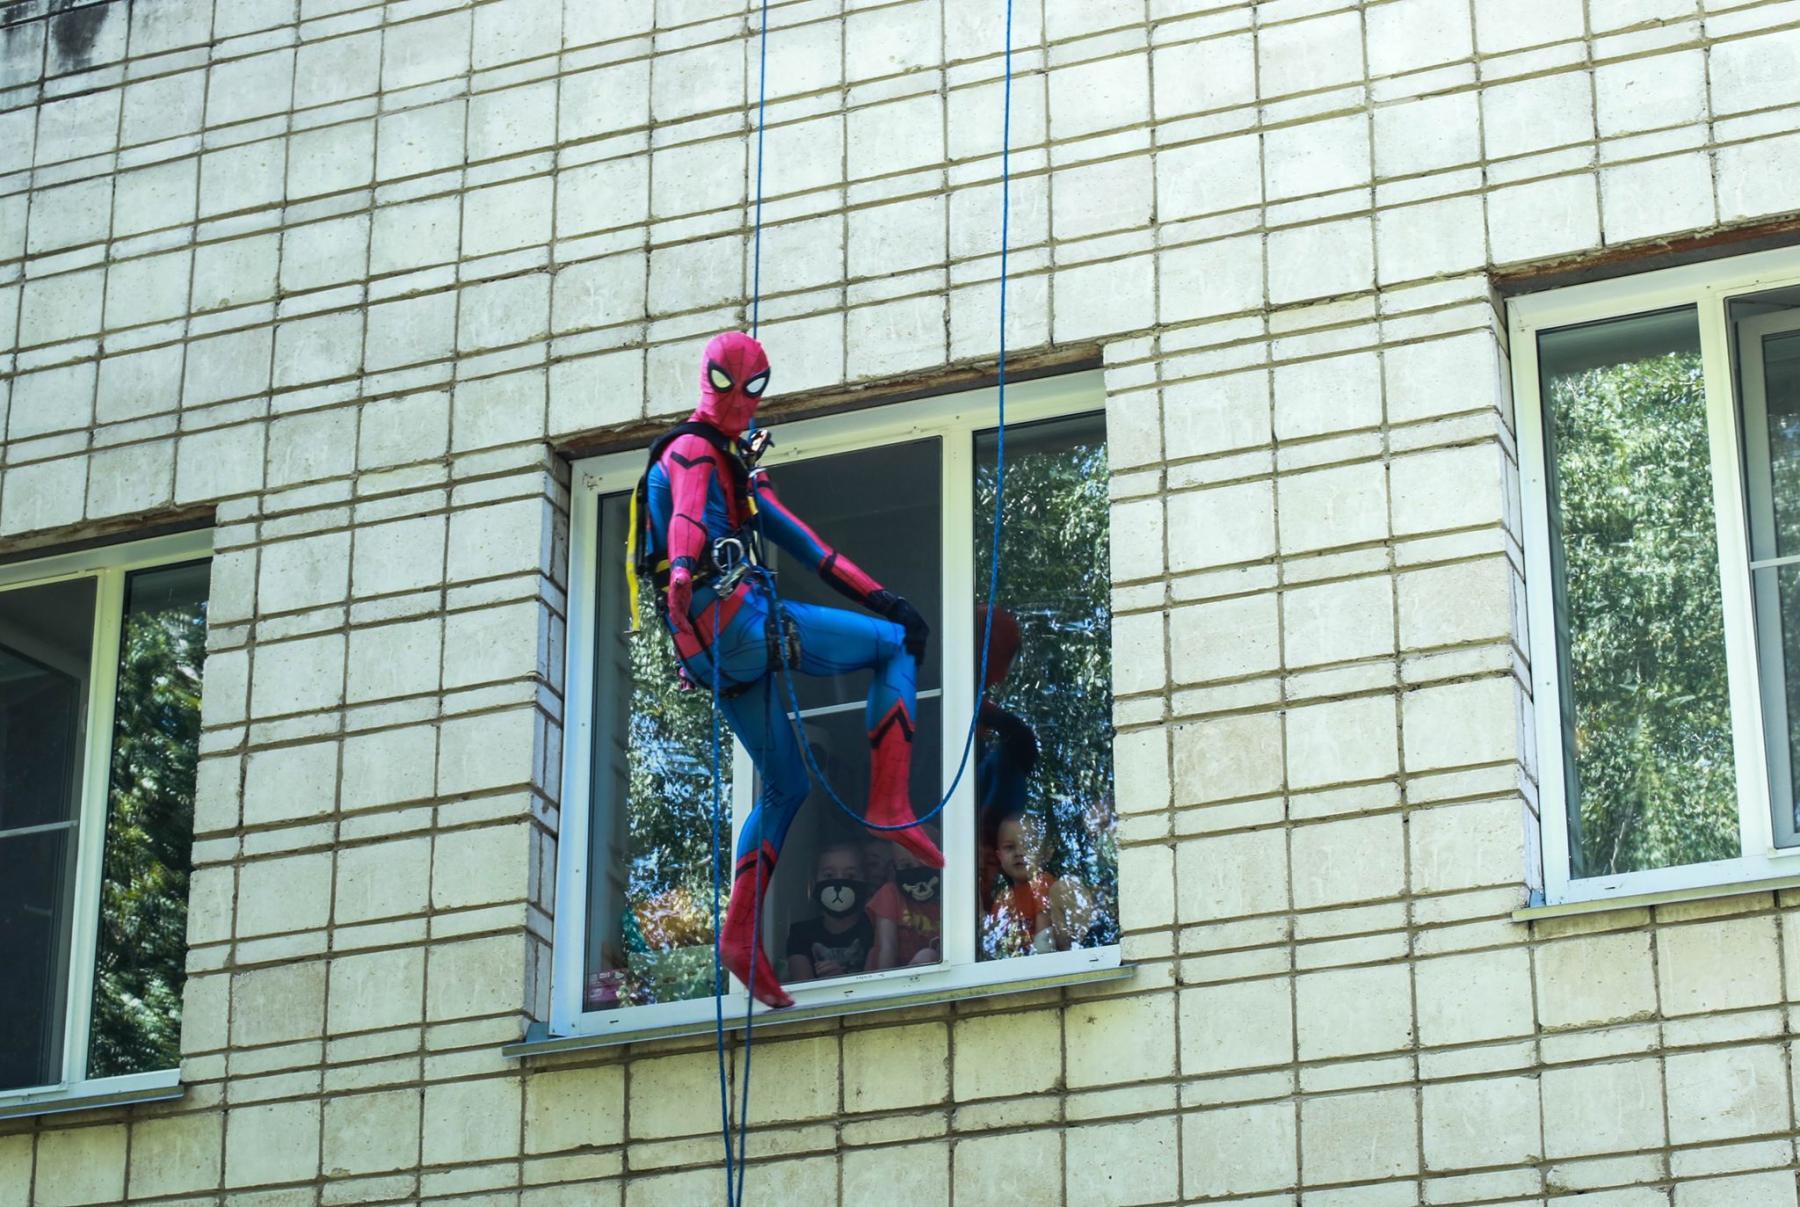 Фото Тук-тук, к вам Человек-паук: супергерой спустился с крыши к больным онкологией детям в Новосибирске 5